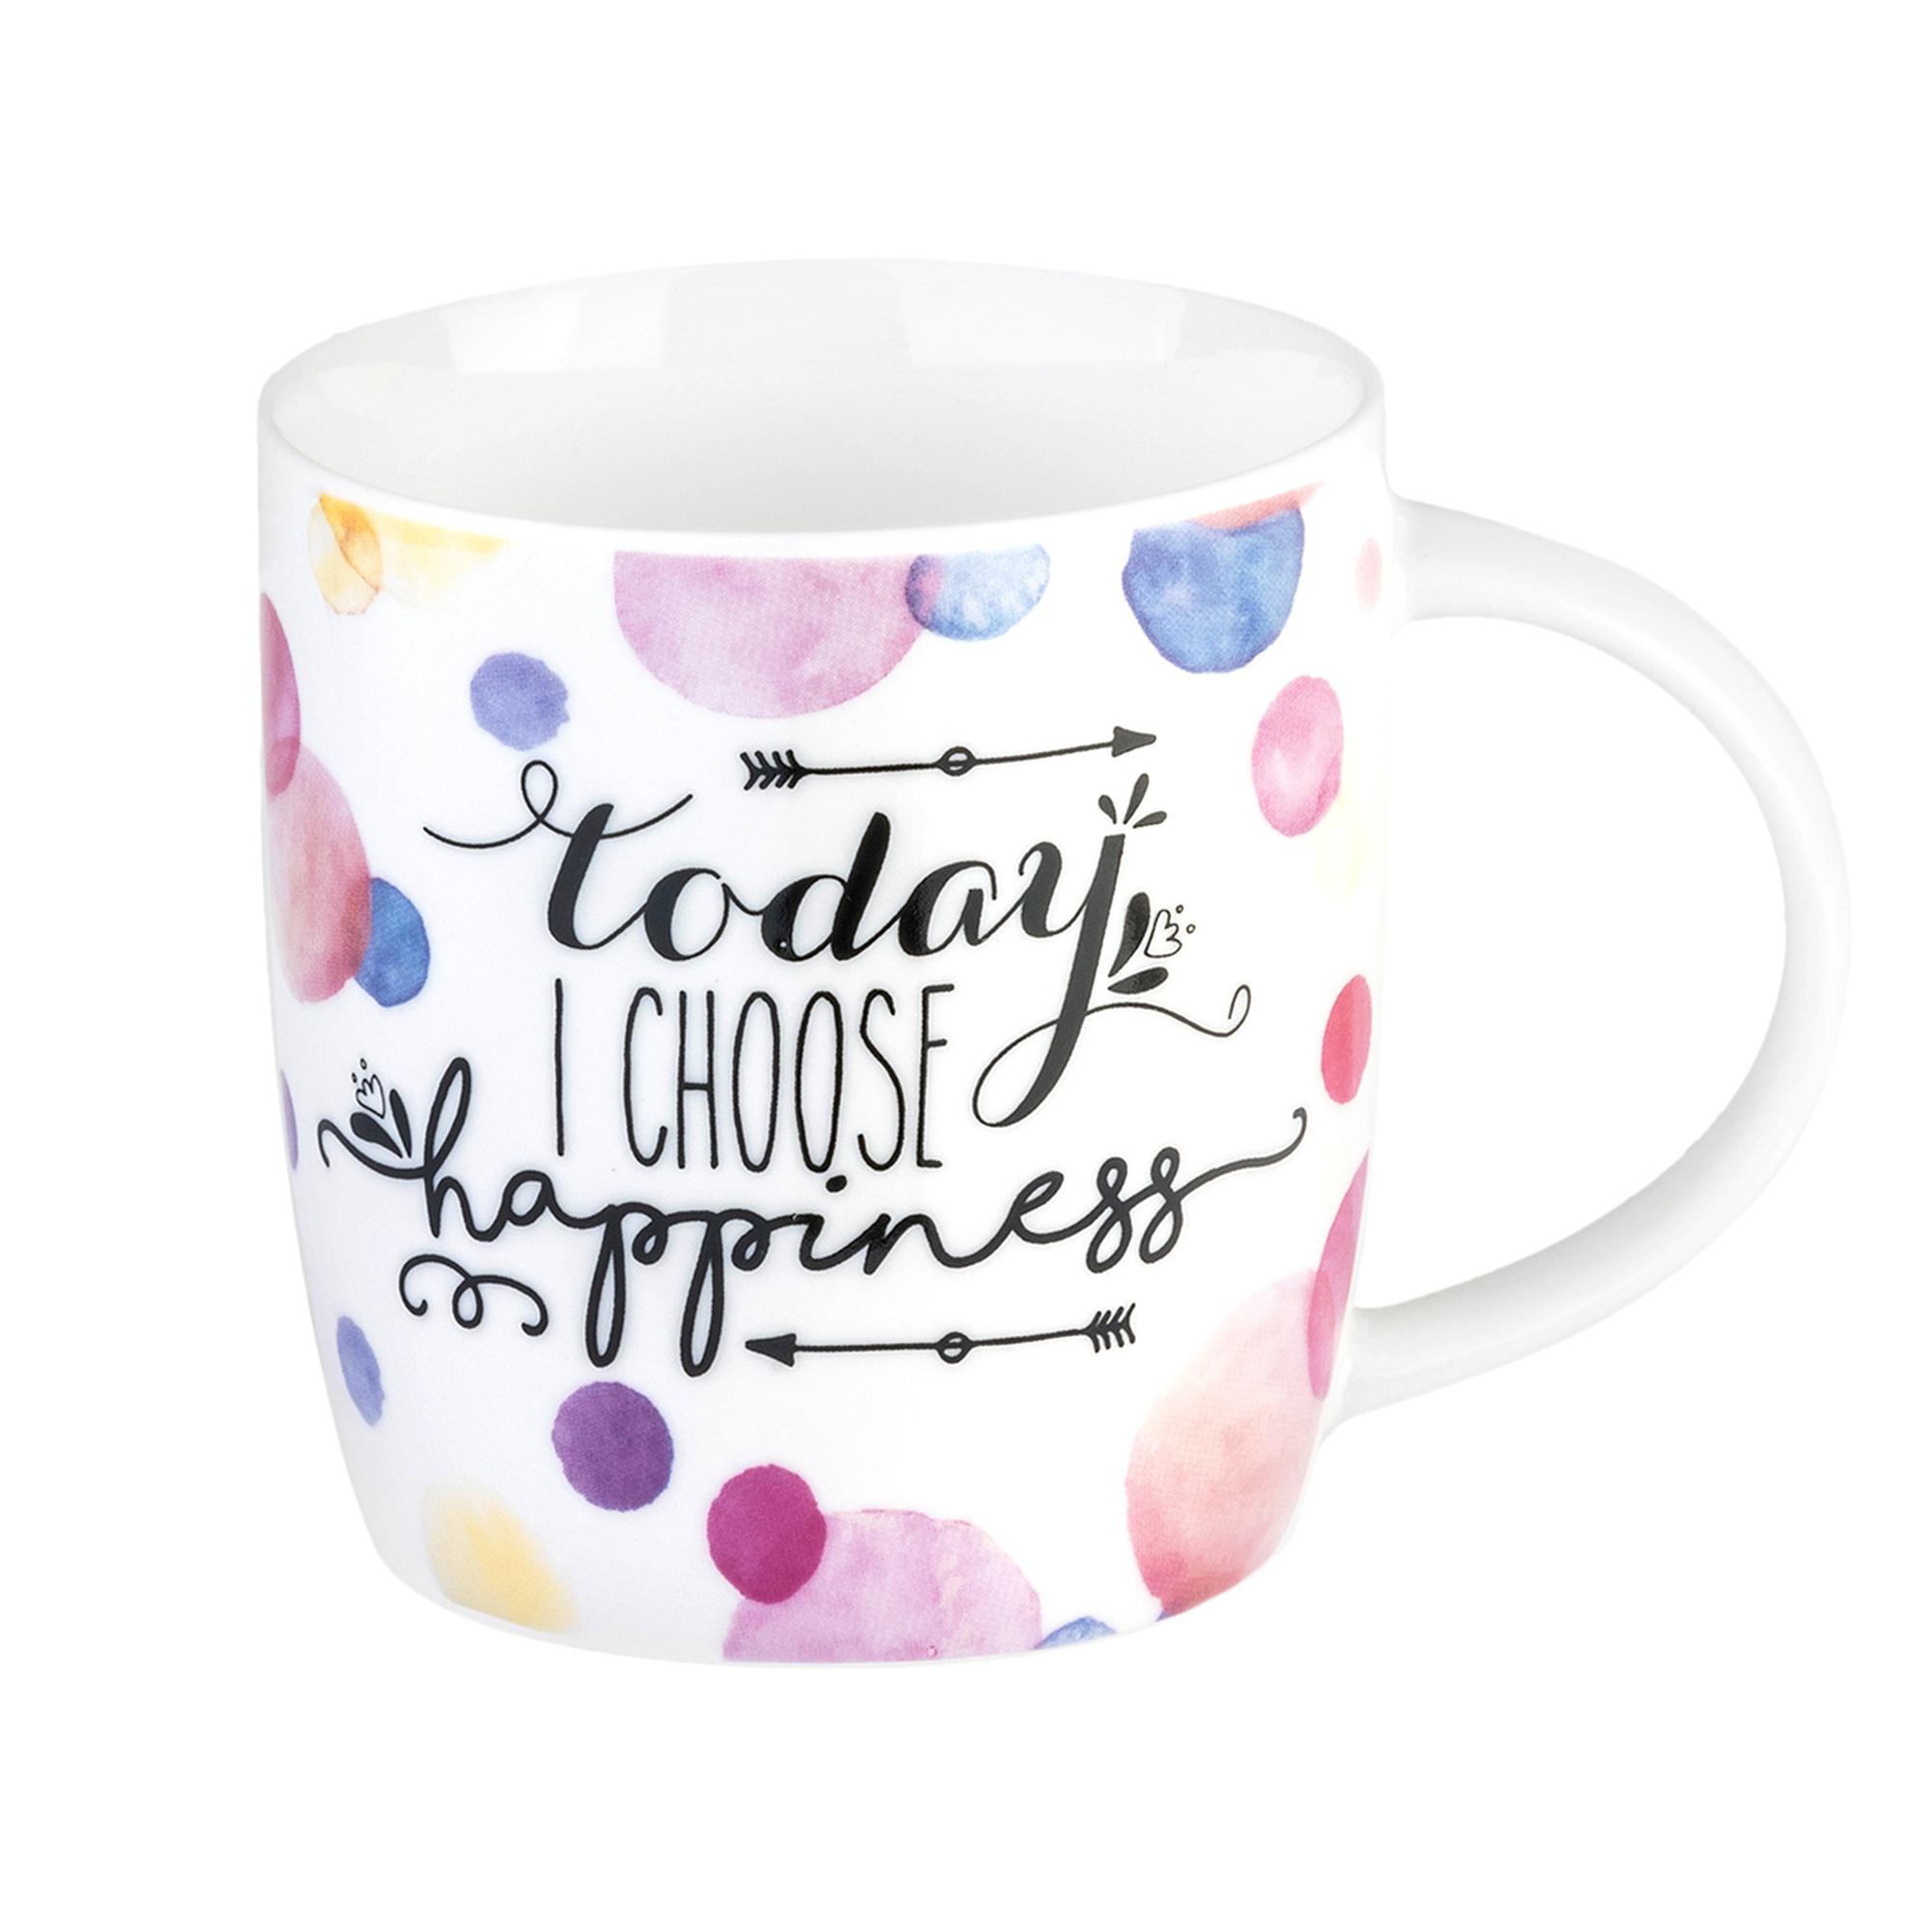 Legami Aphorism Mug Happiness 350ml